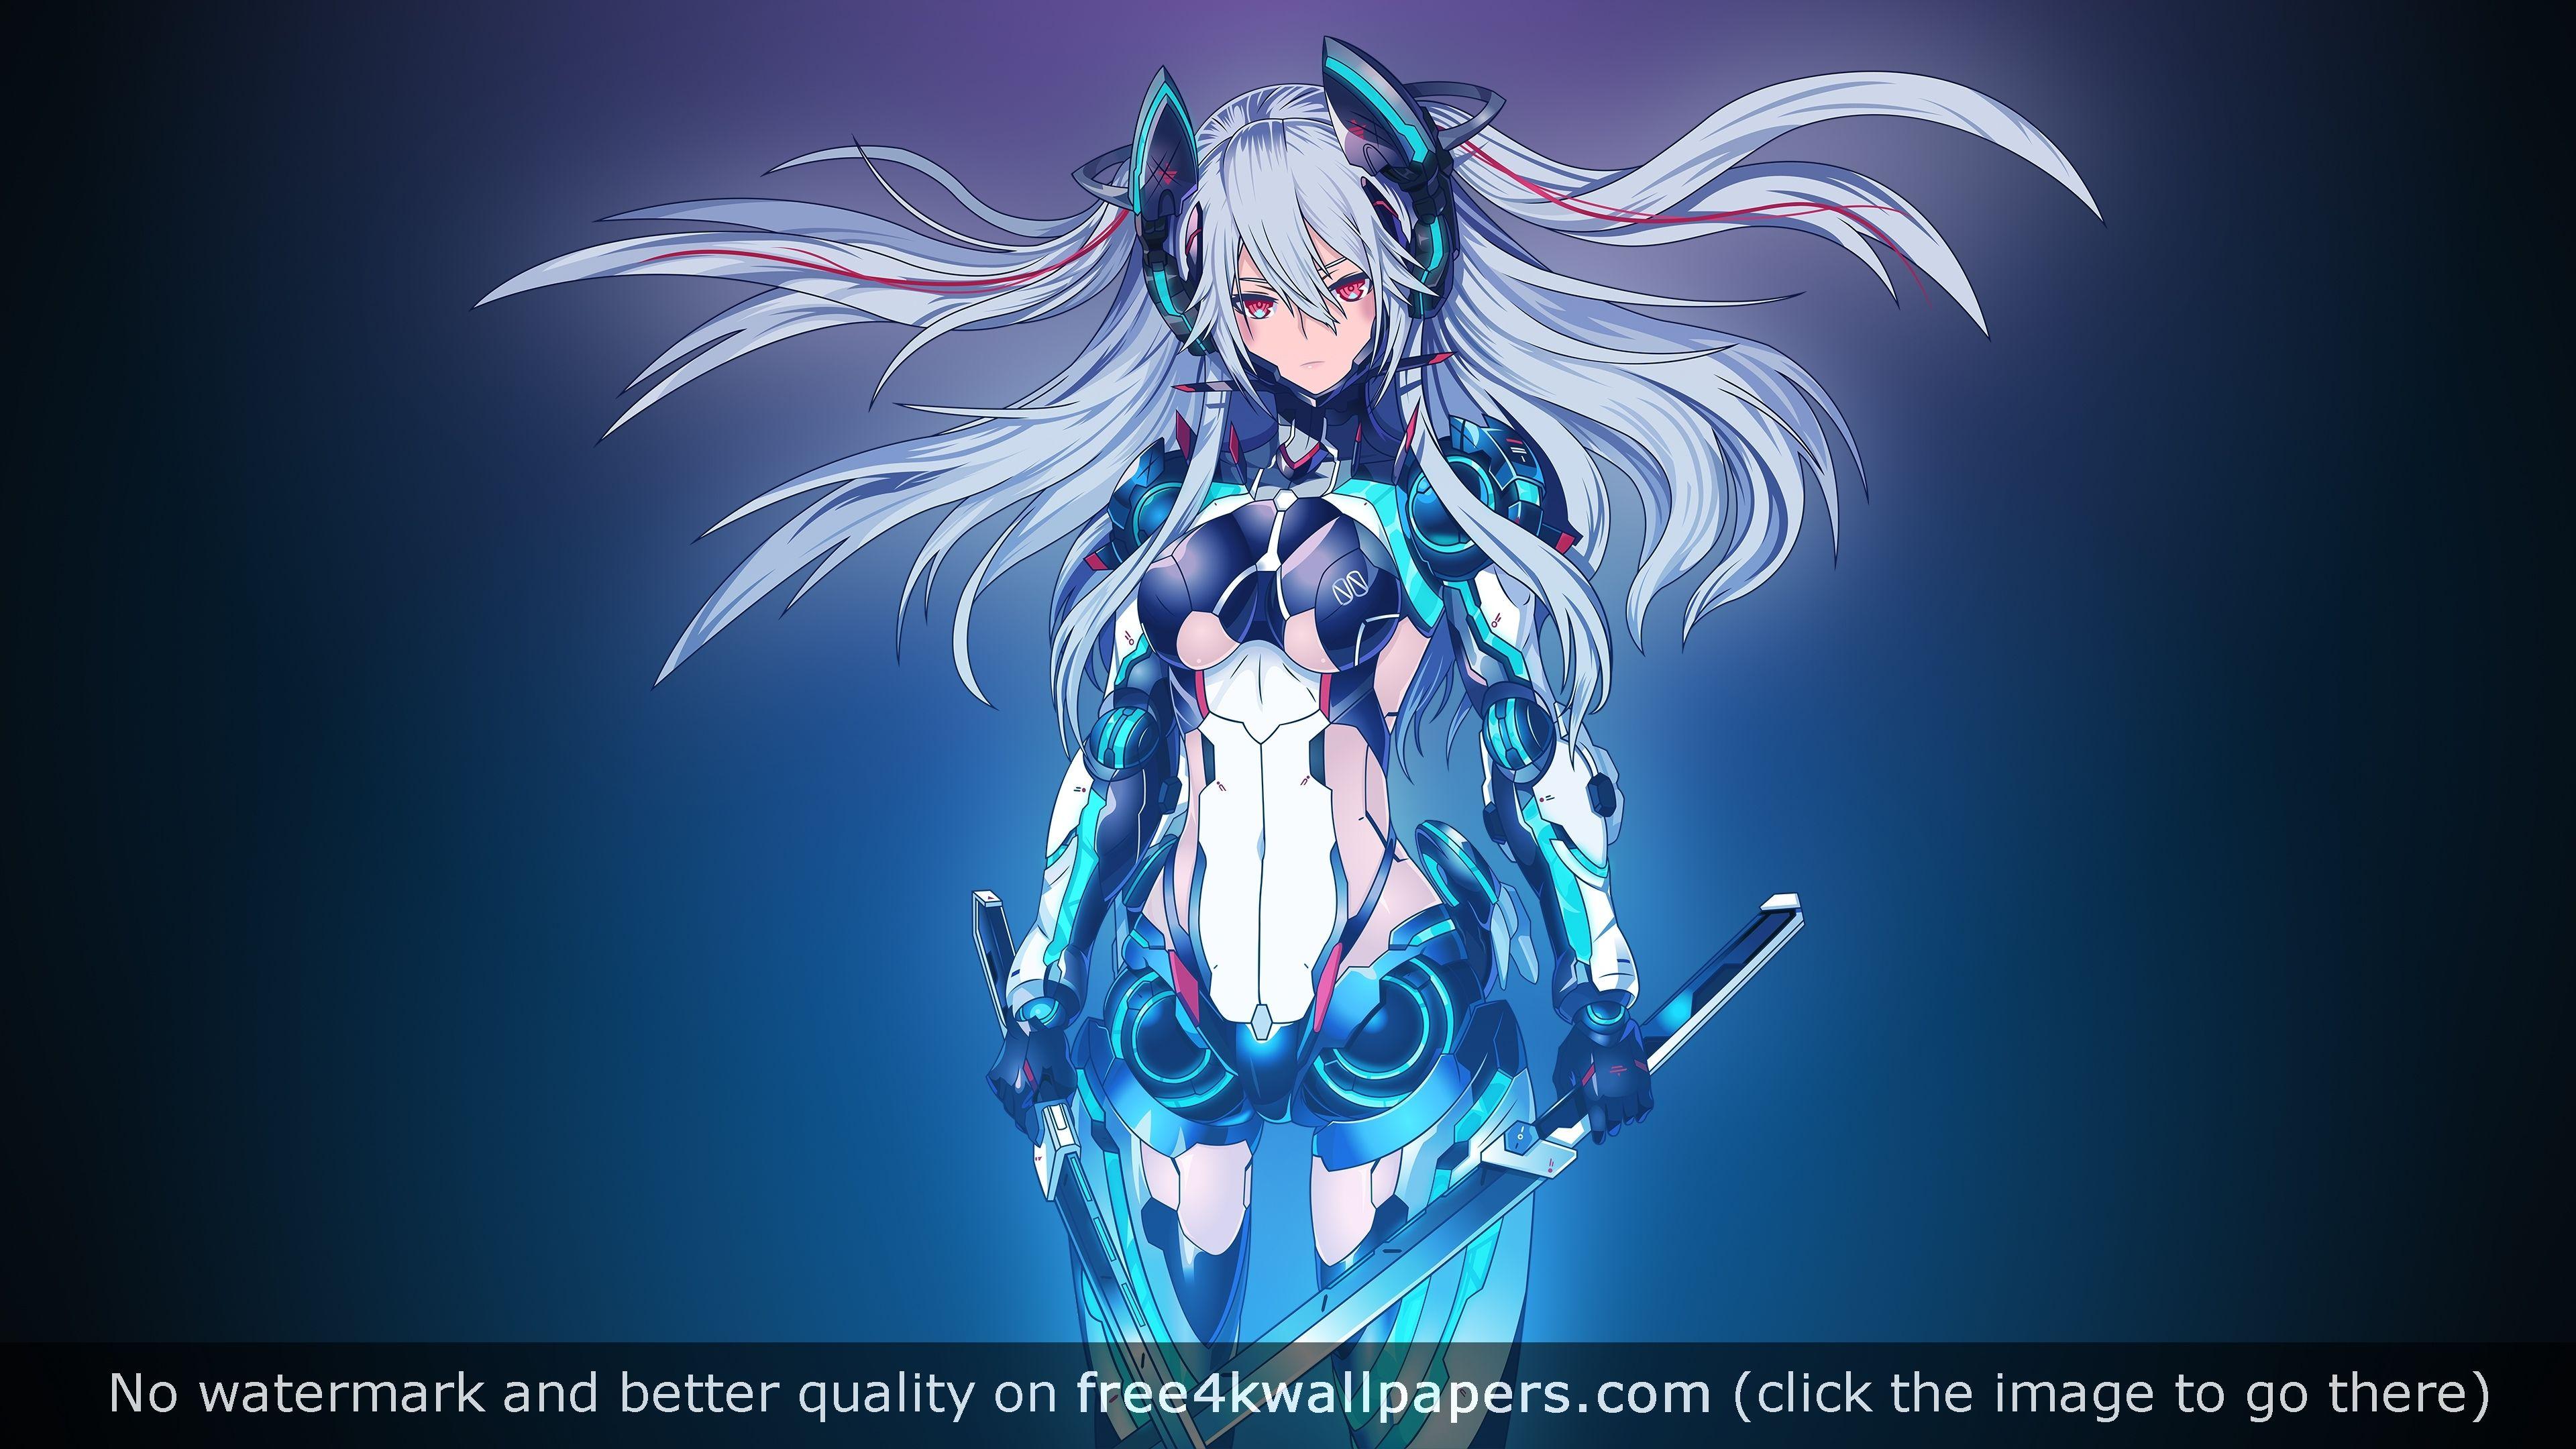 Anime Girl Wallpaper 4k Posted By Christopher Johnson